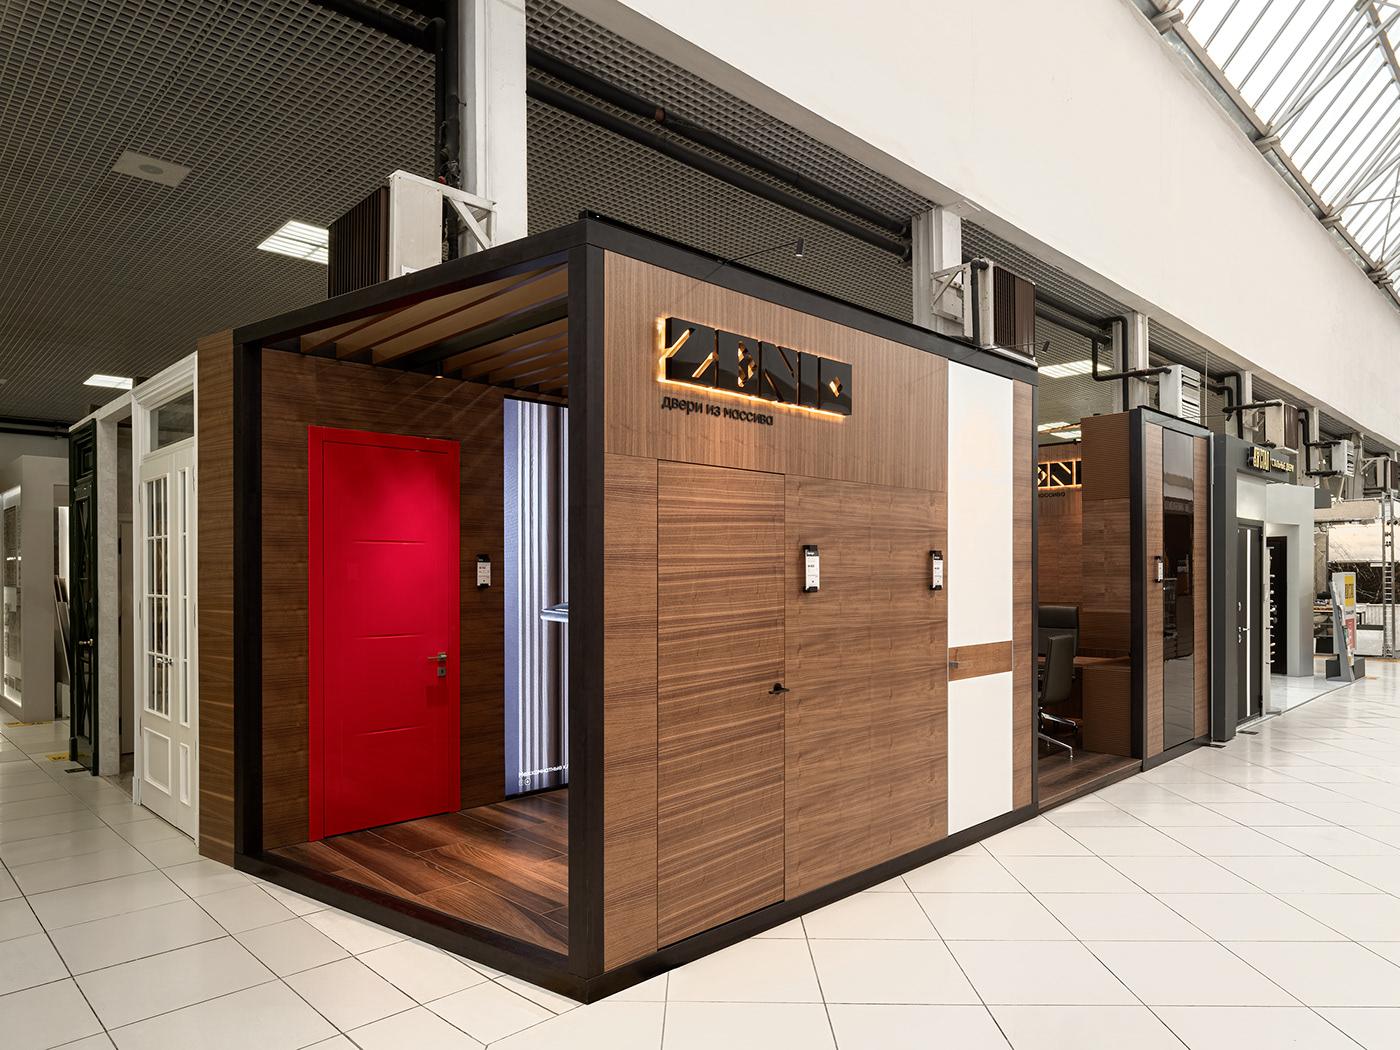 Doors granum Interior projecting Retail the granum zenio